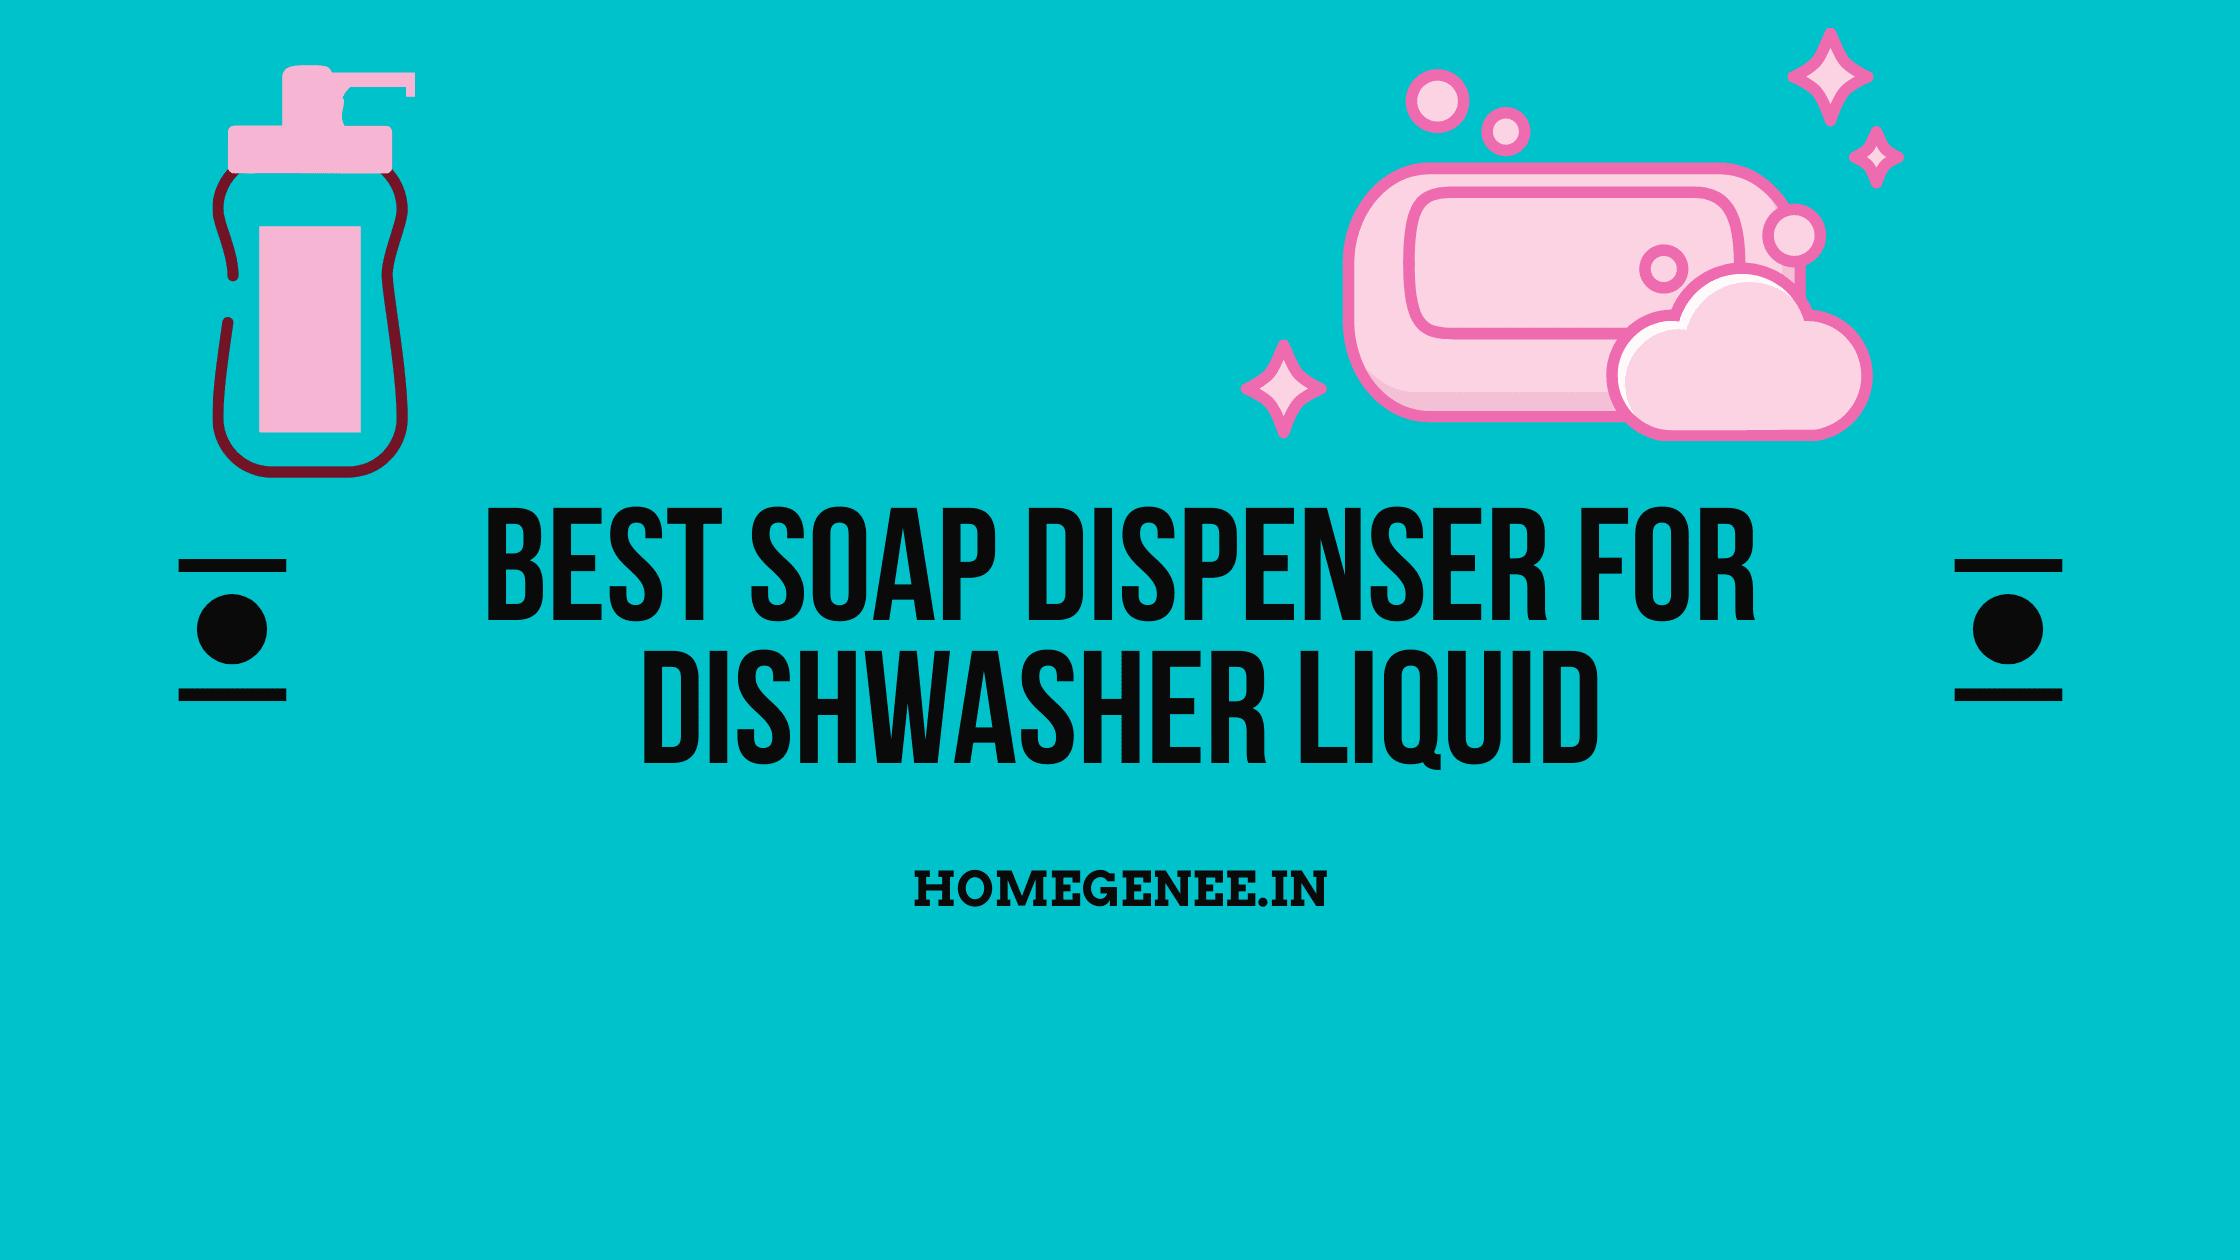 Best Soap Dispenser for Dishwasher